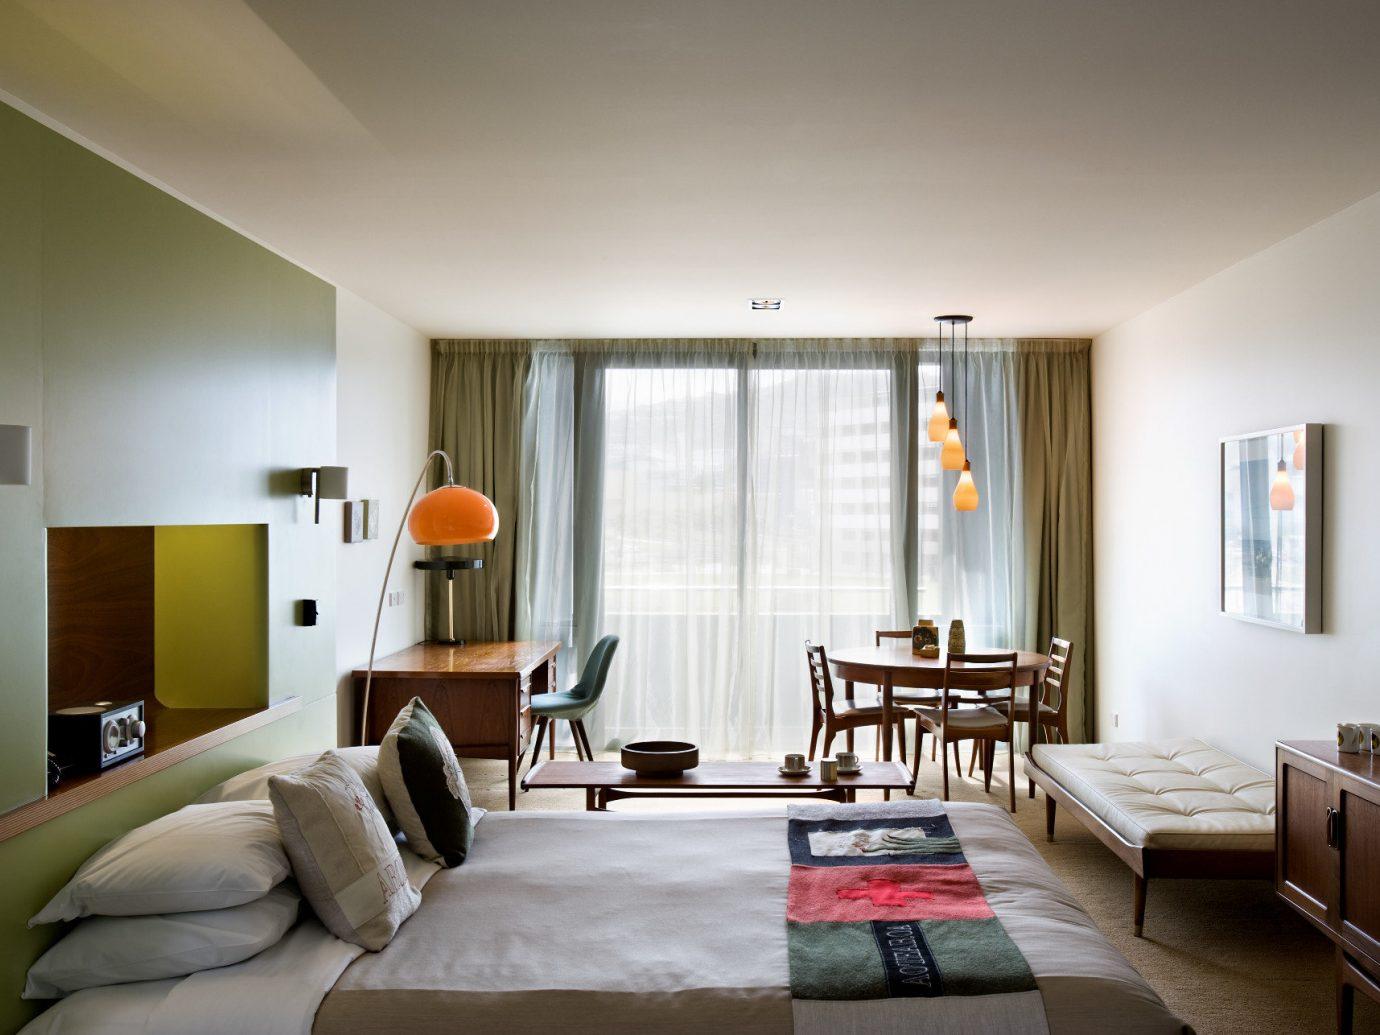 Trip Ideas indoor wall ceiling room Living floor property living room condominium estate home real estate interior design Bedroom furniture Design Suite apartment decorated area